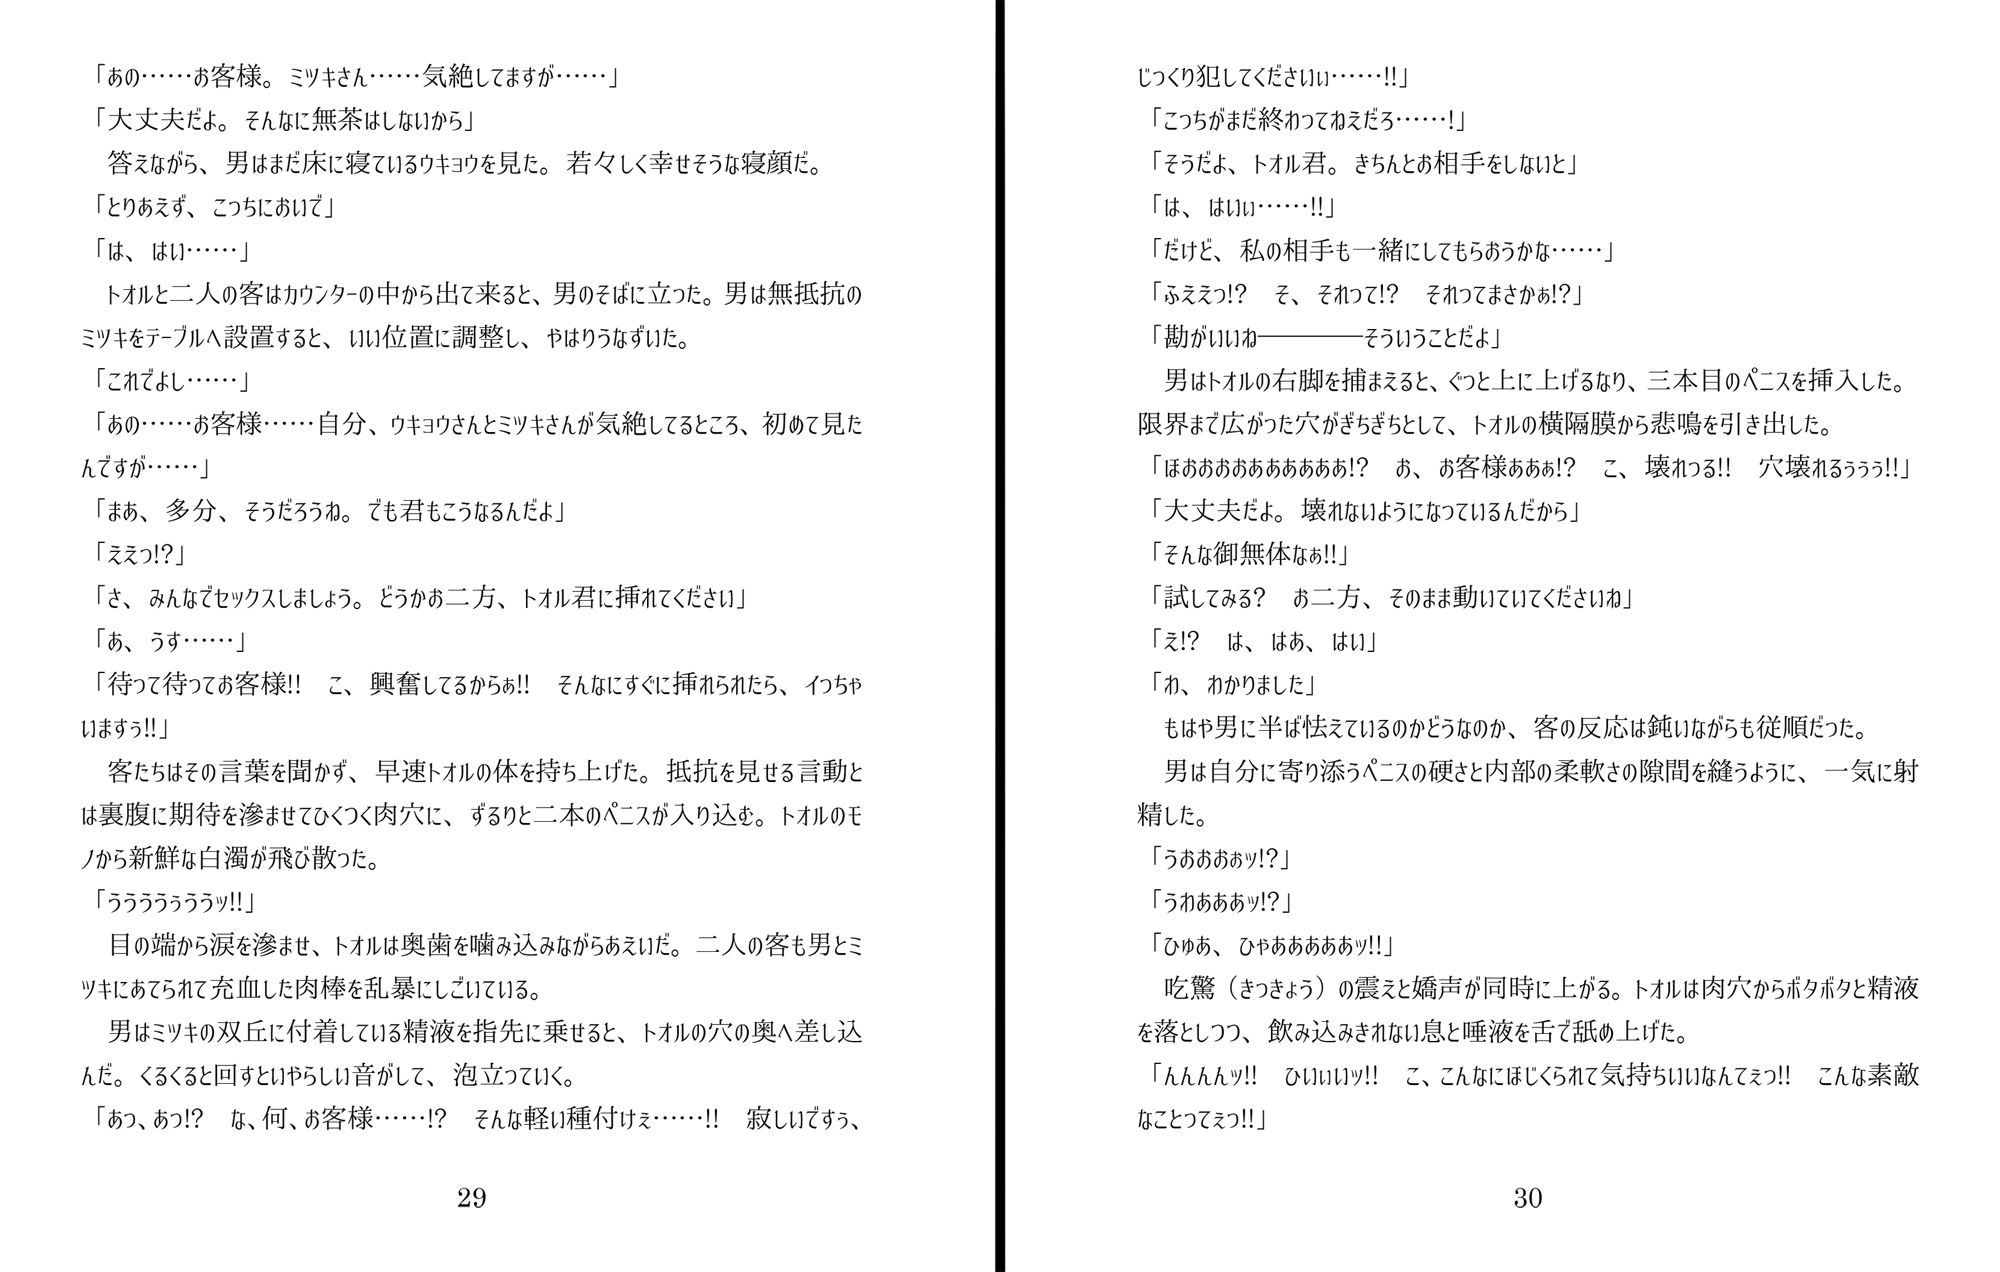 [恋愛]「膣内射精プラトニック」(蛇光院三郎)